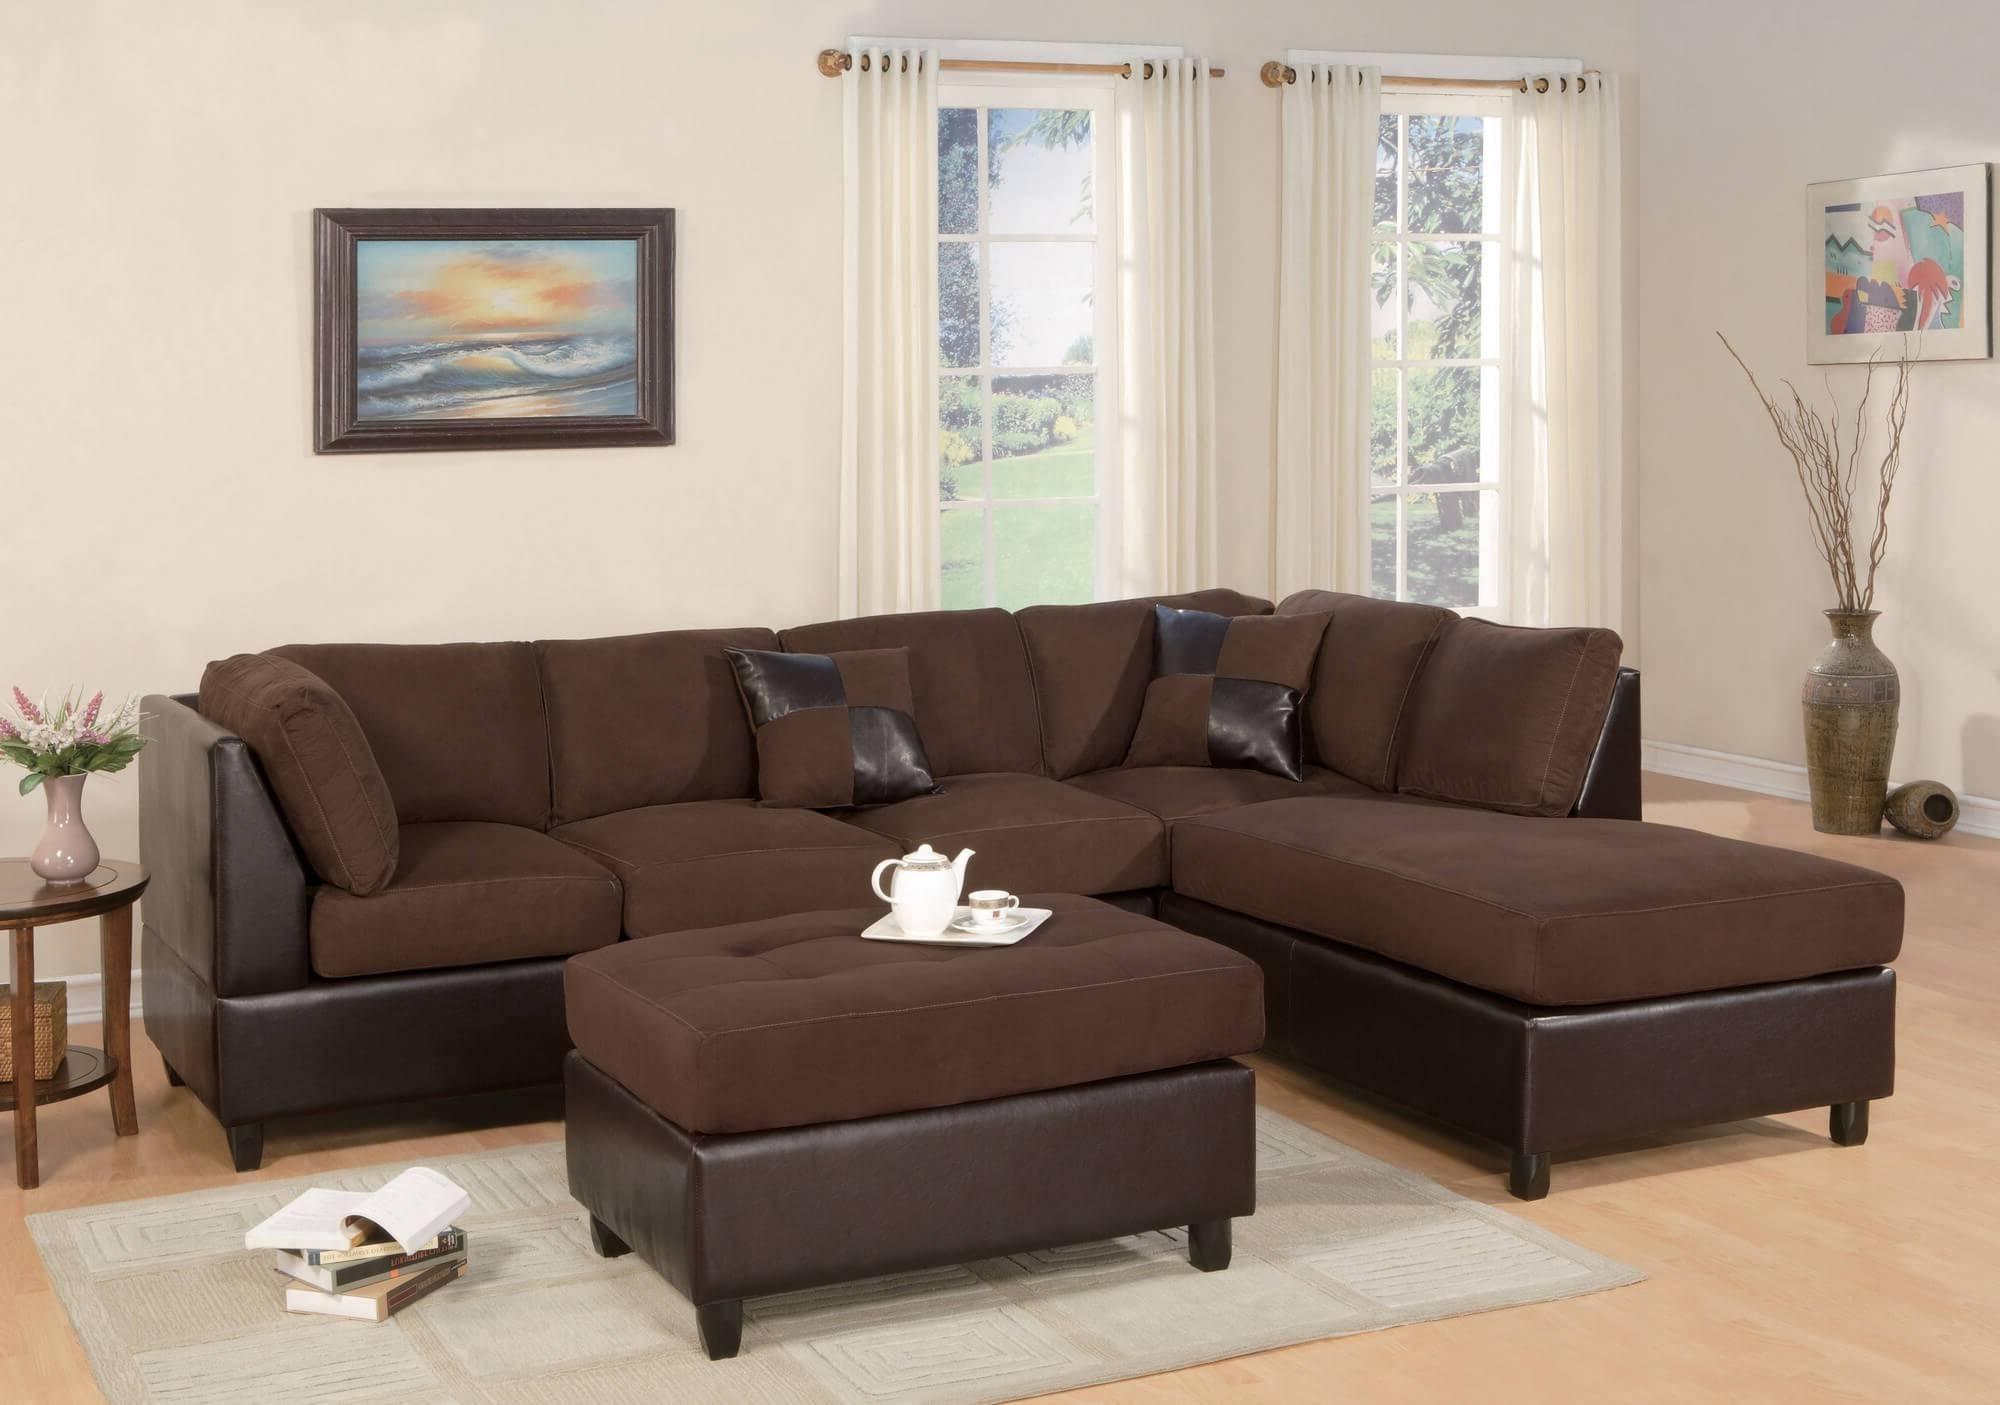 Preferred Furniture : Best Sofas Under 1000 Best Sofas Under 1000' Best Within Sectional Sofas Under (View 3 of 15)